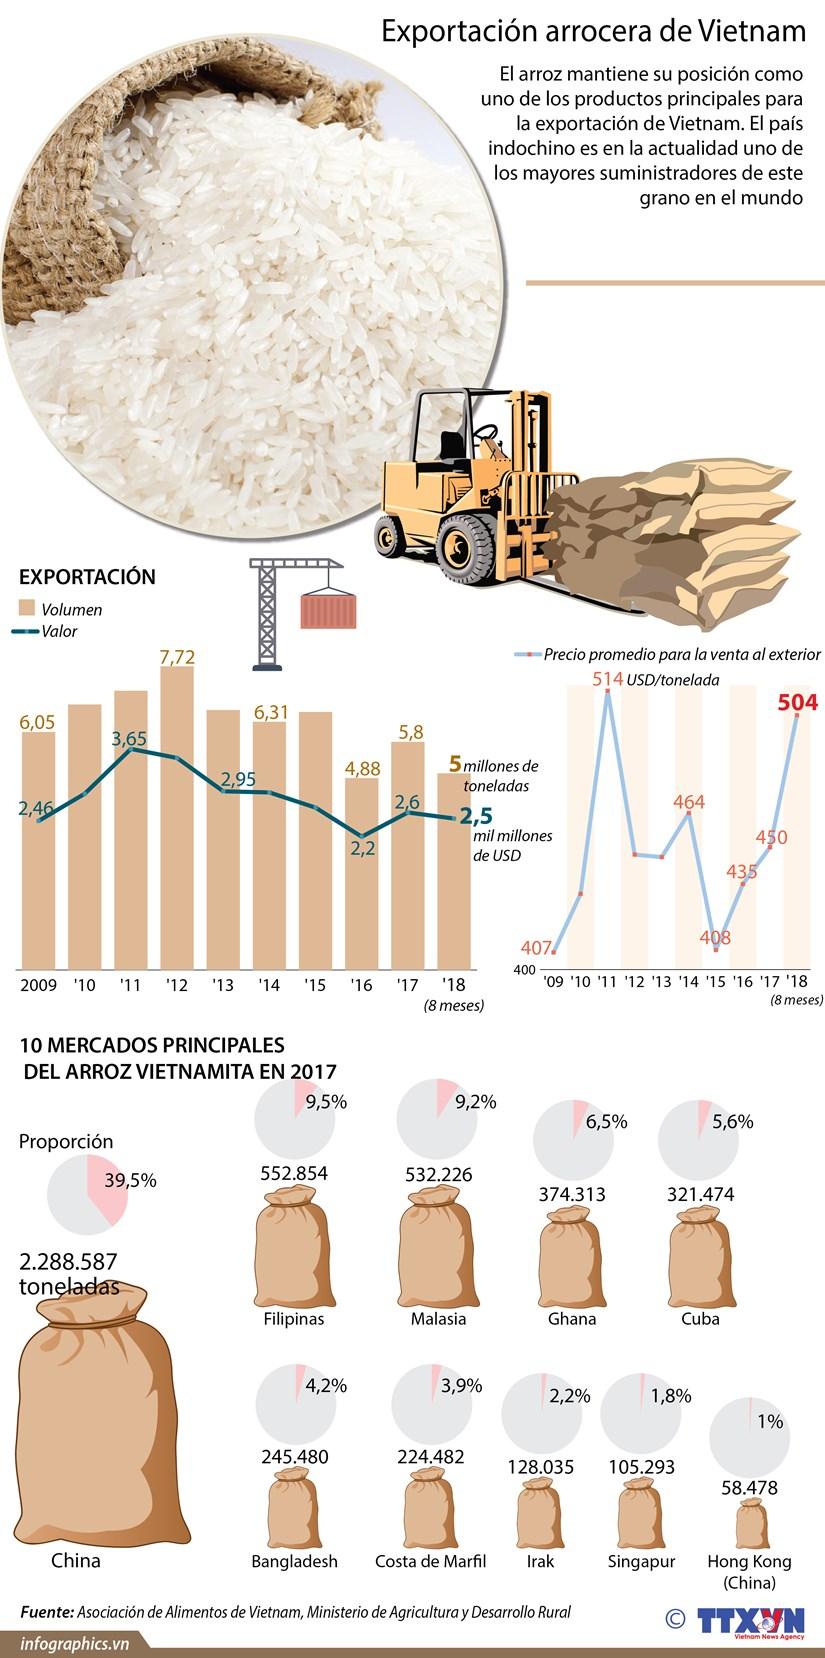 [Infografia] Exportacion arrocera de Vietnam hinh anh 1